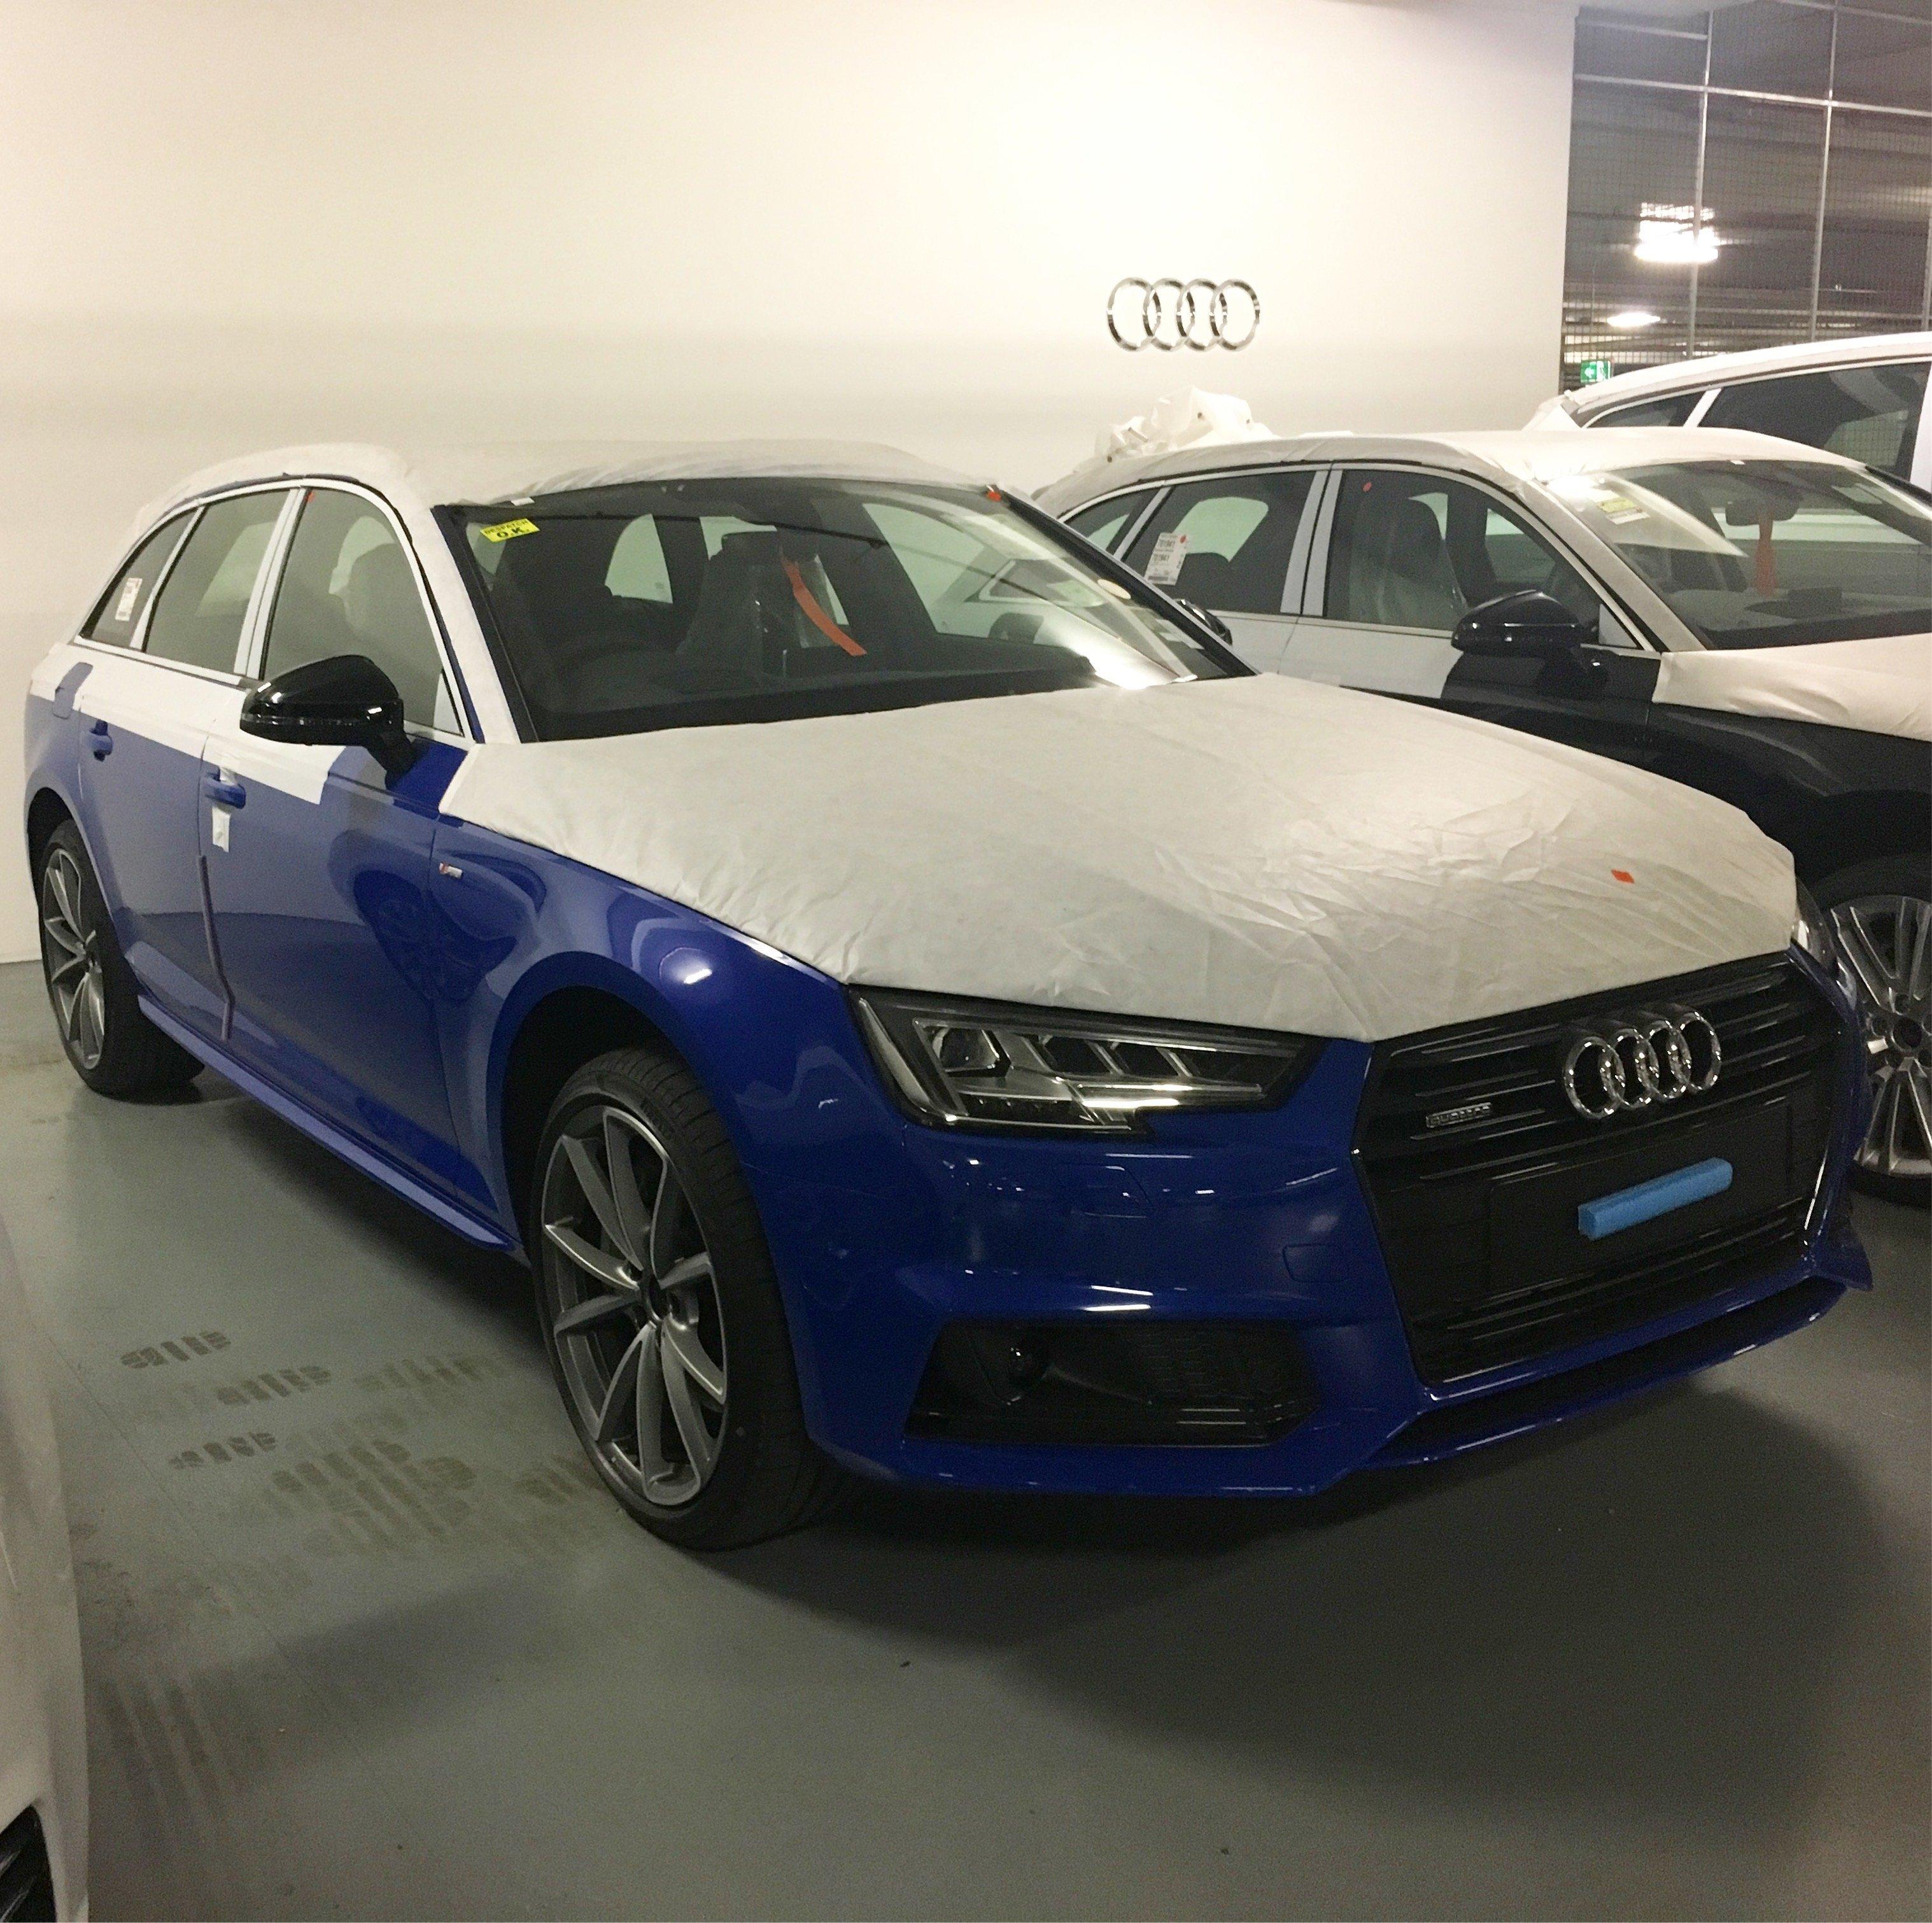 MY18 B9 A4/S4 | Audi-Sport net